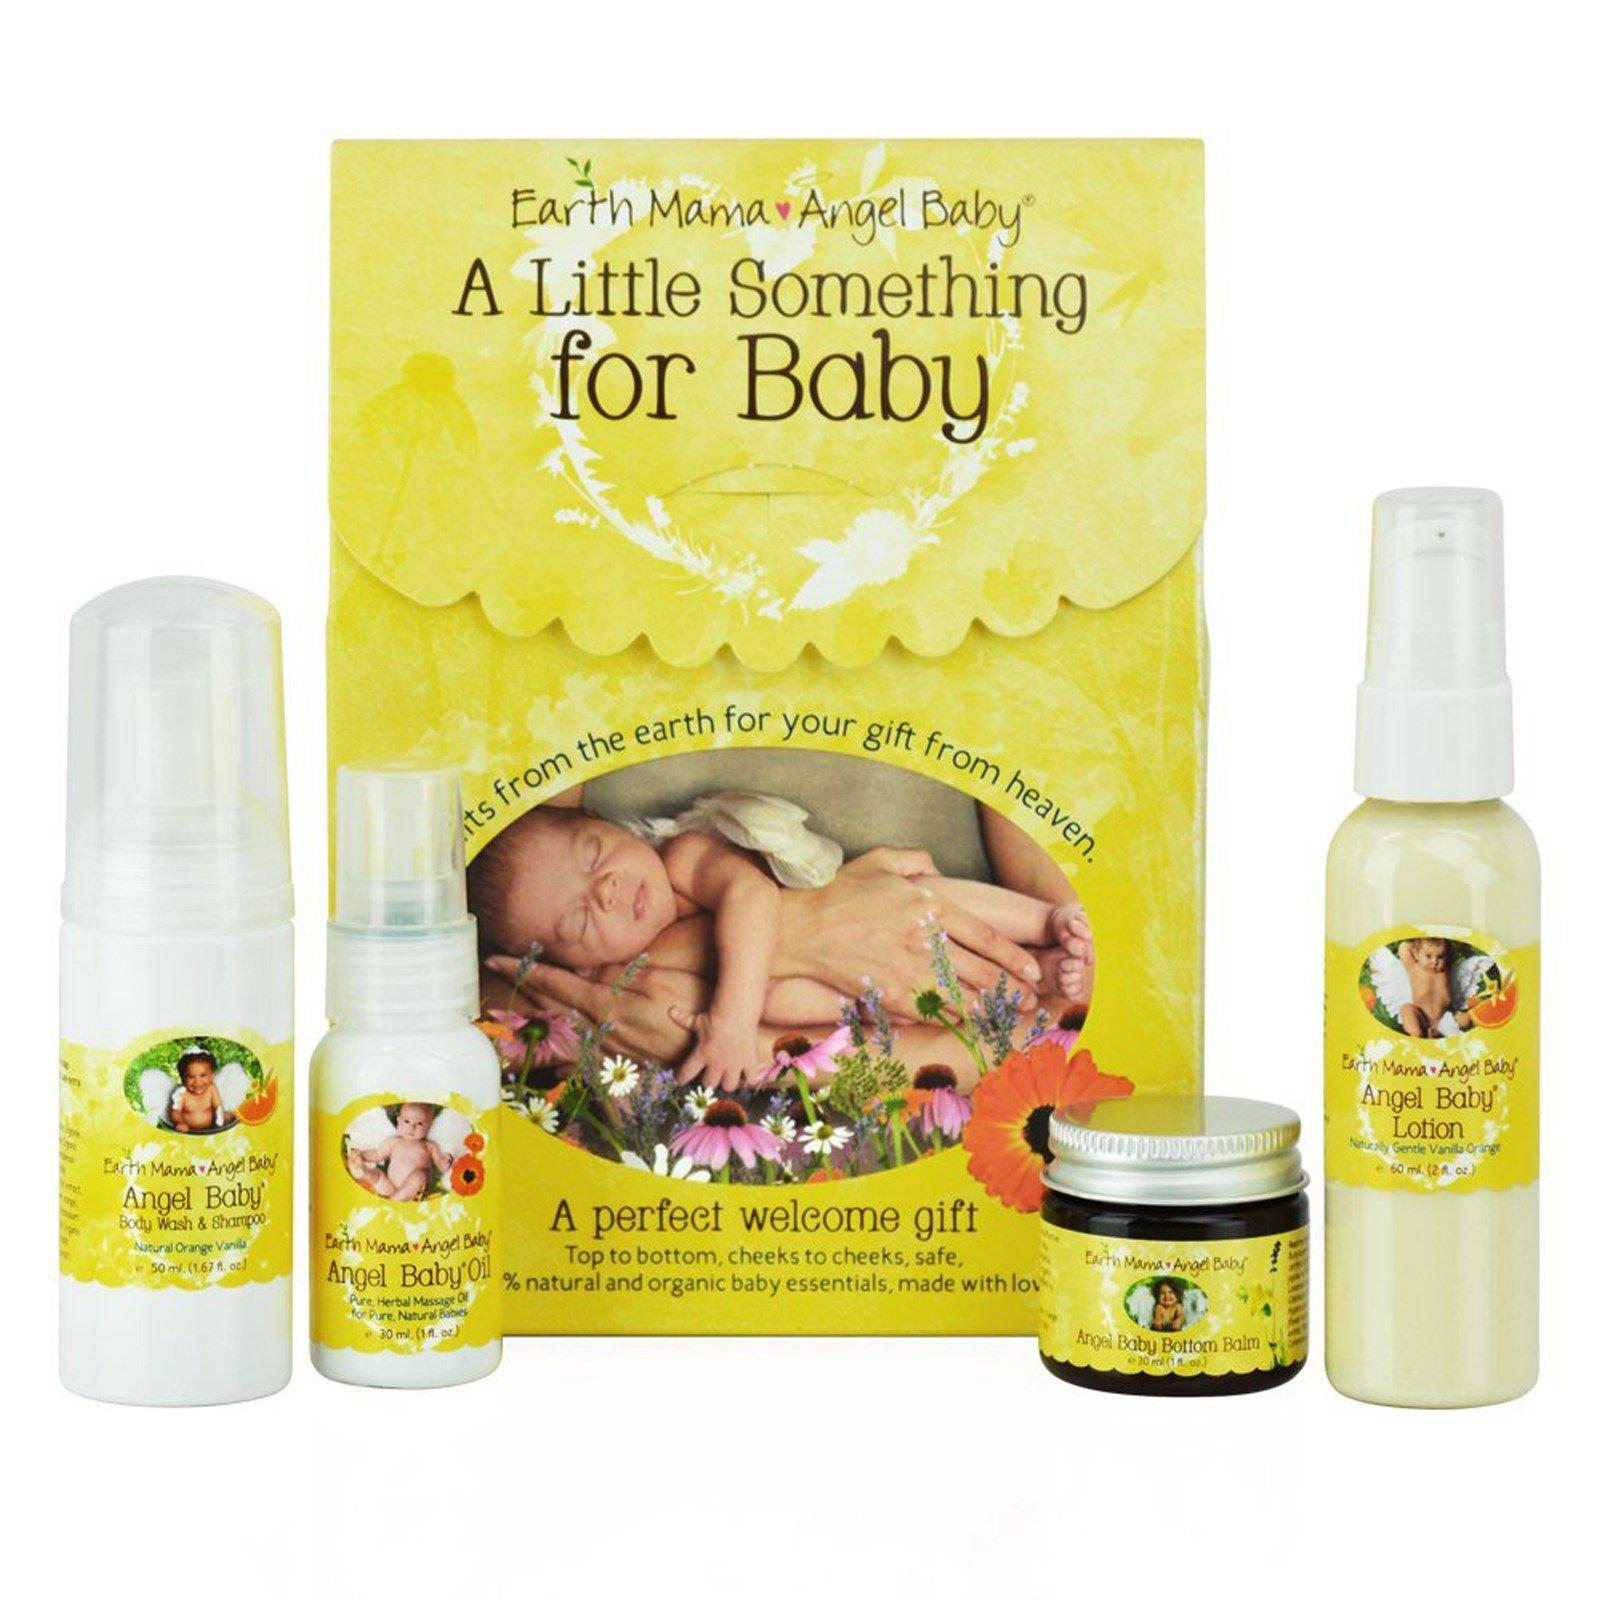 Earth Mama Angel Baby, Кое-что для малыша, набор из 4 предметов